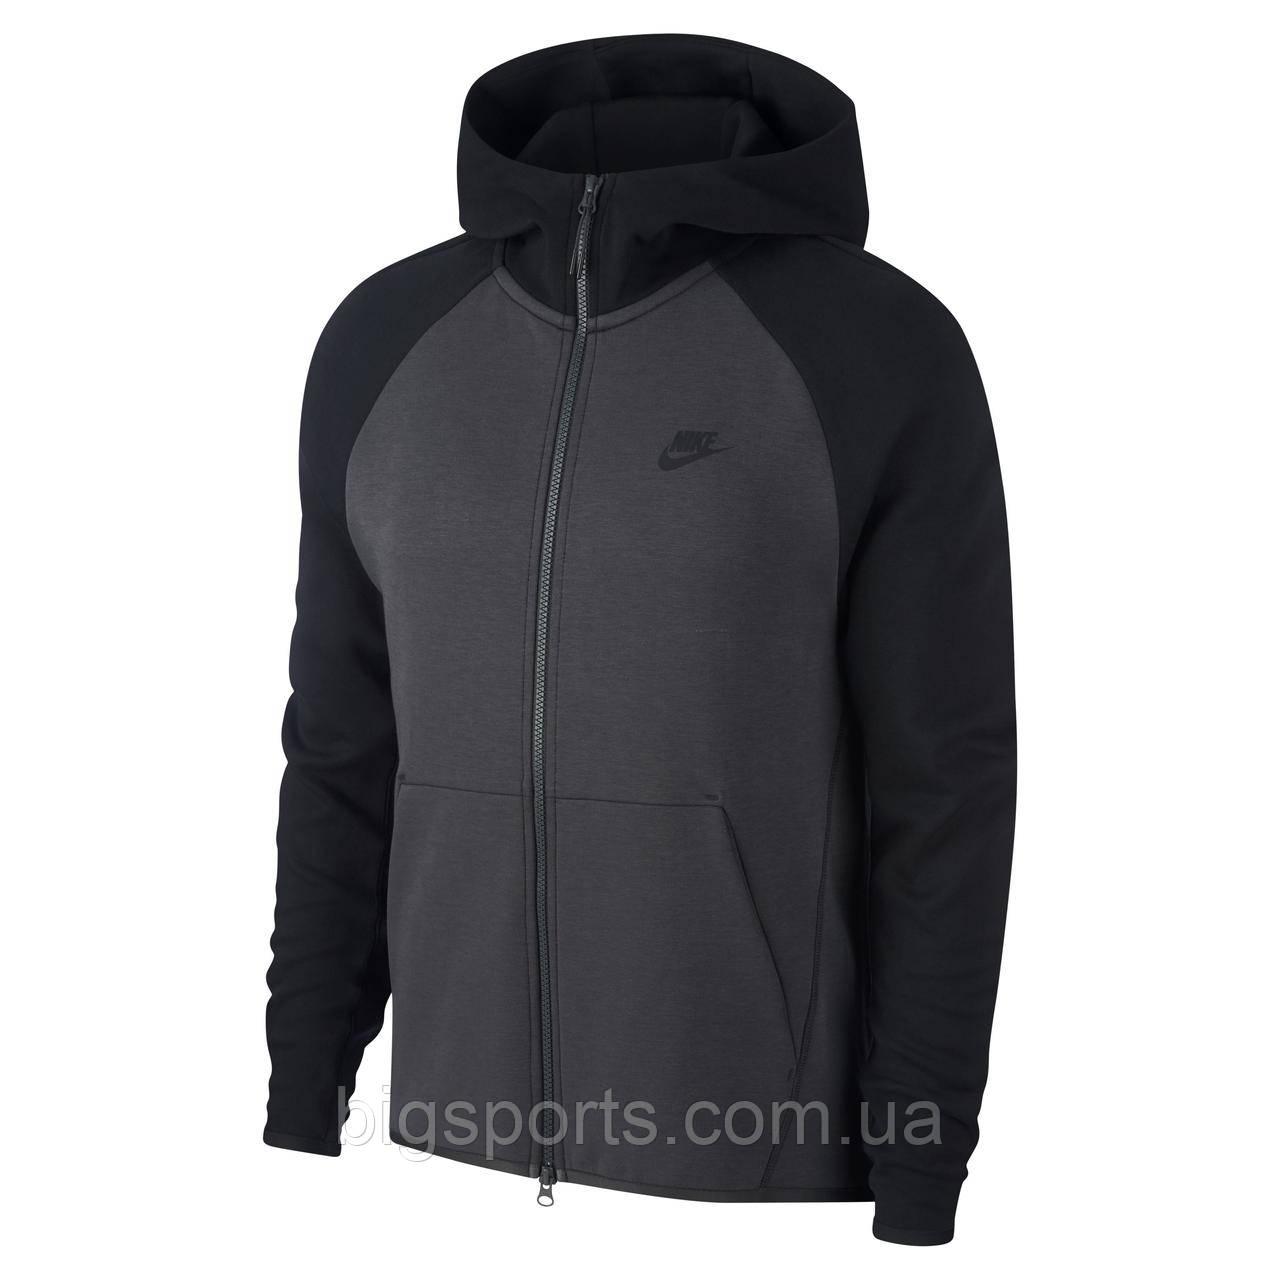 Кофта муж. Nike M Nsw Tch Flc Hoodie Fz (арт. 928483-060)